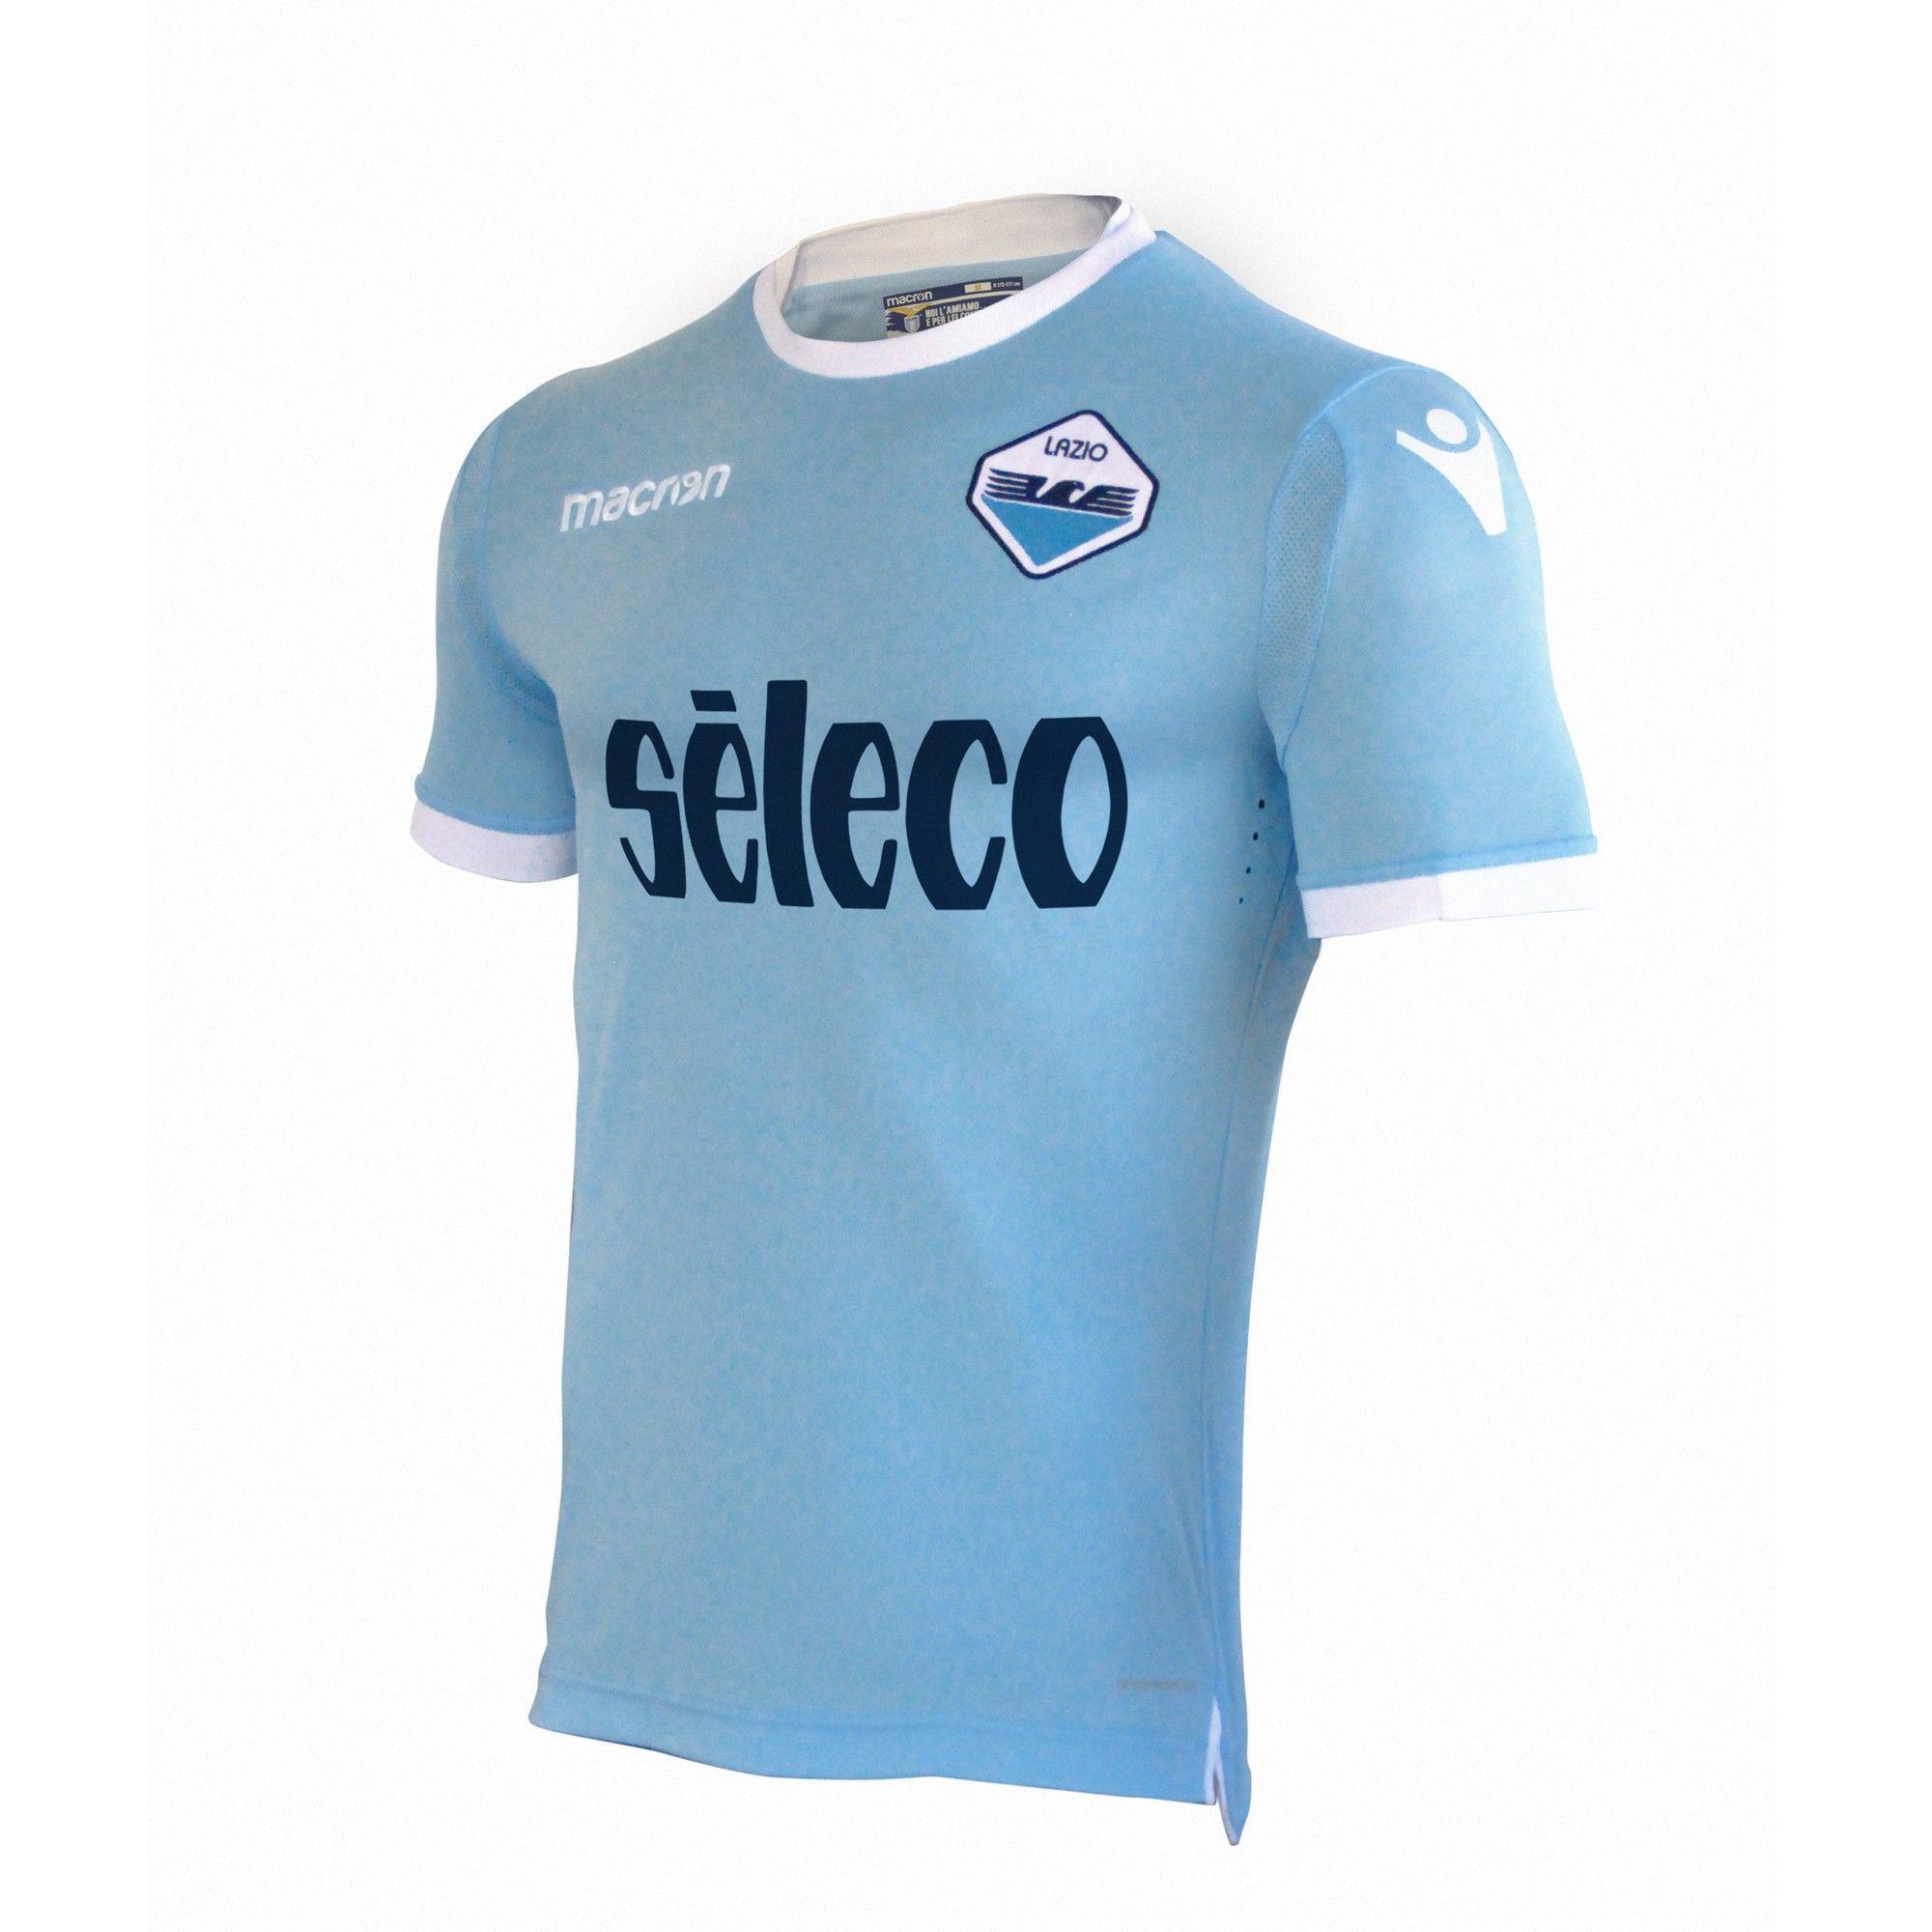 0d8e0ac184f Maglie 2017 18 - Lazio.net Community The jersey for the 2017-18 season